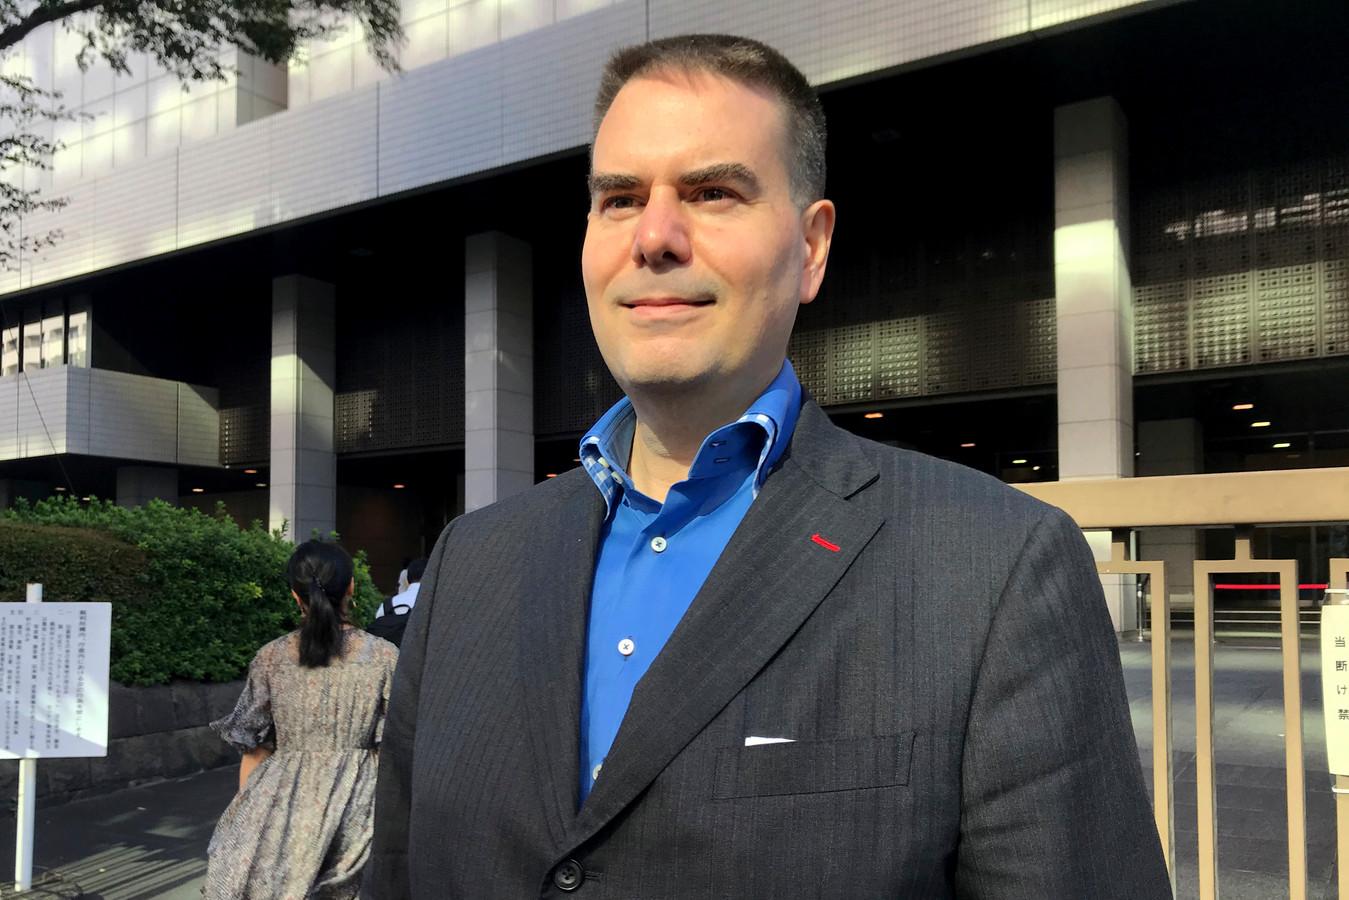 Glen Wood, 49 ans, un résident au Japon depuis trois décennies, travaillait pour la société de courtage Mitsubishi UFJ Morgan Stanley Securities.